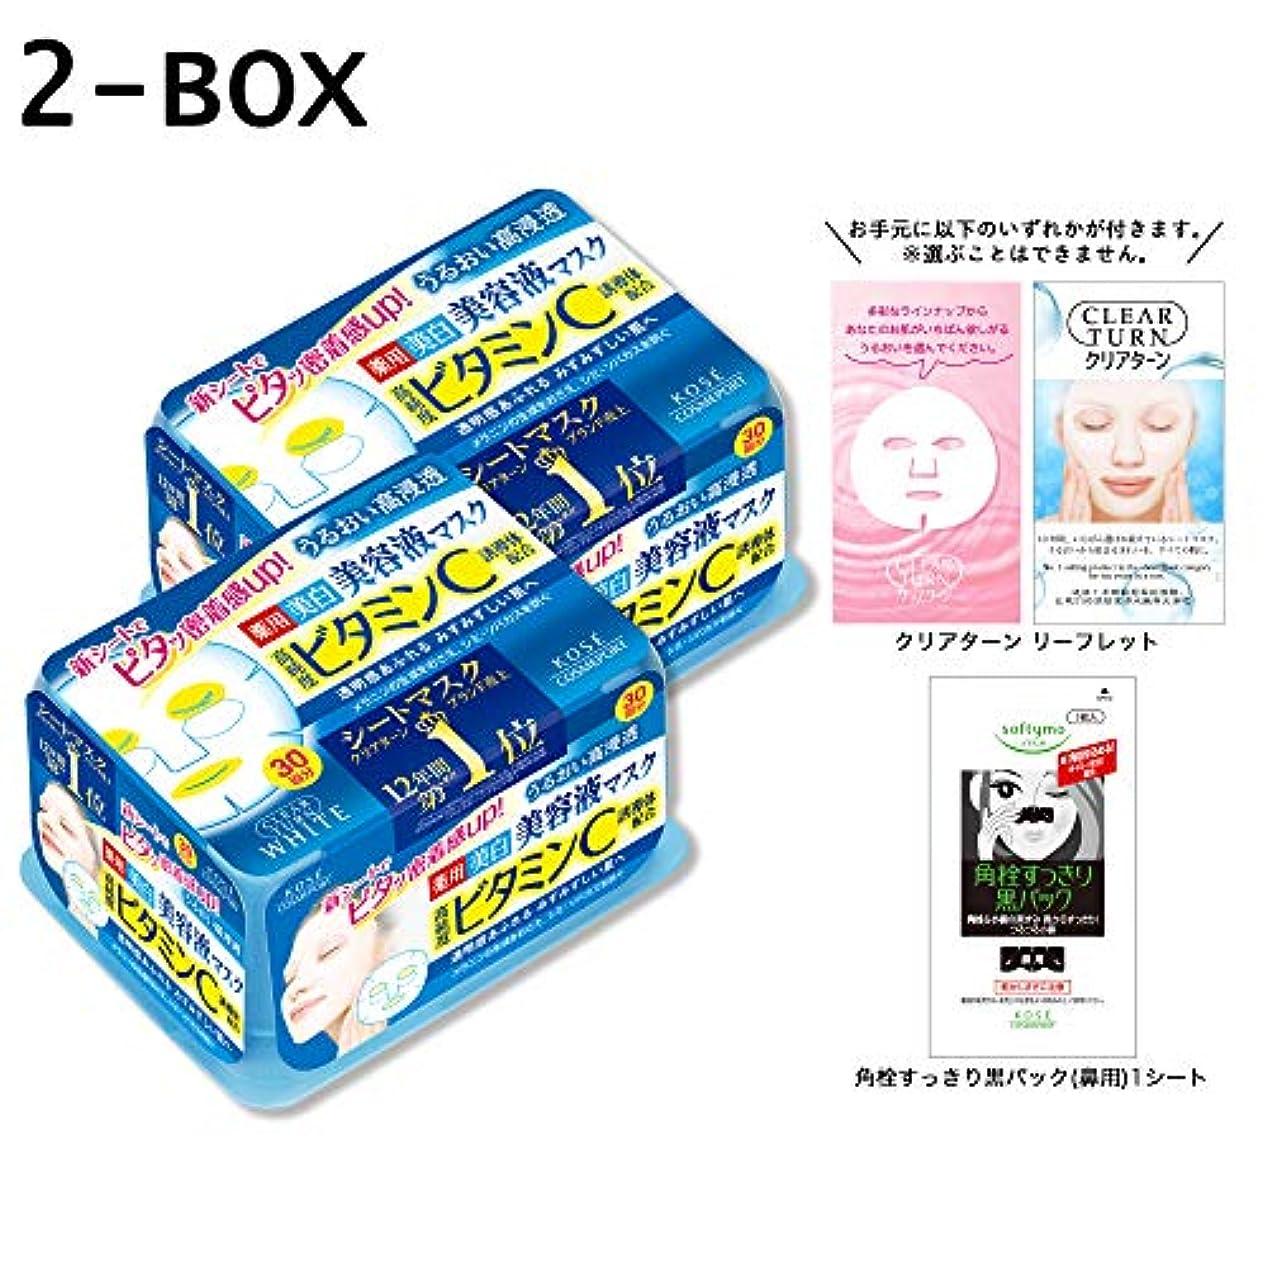 オークションペグ歯痛【Amazon.co.jp限定】KOSE クリアターン エッセンスマスク (ビタミンC) 30回 2P+おまけ フェイスマスク (医薬部外品)